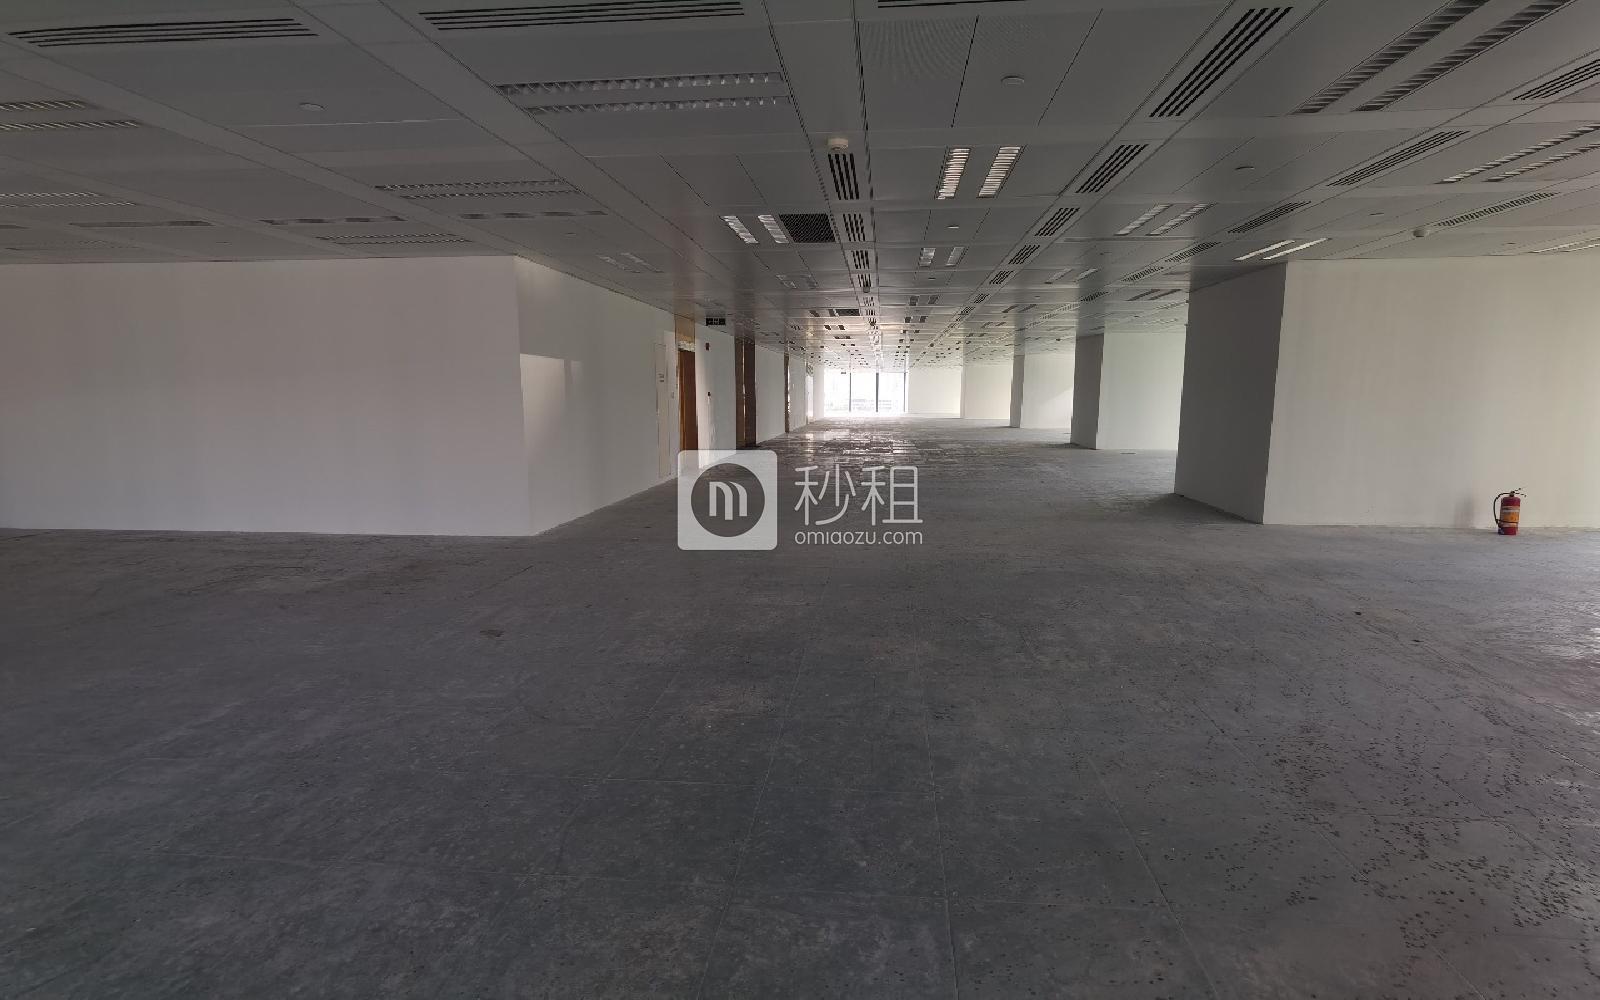 罗湖-蔡屋围 京基100大厦 2790.86m²